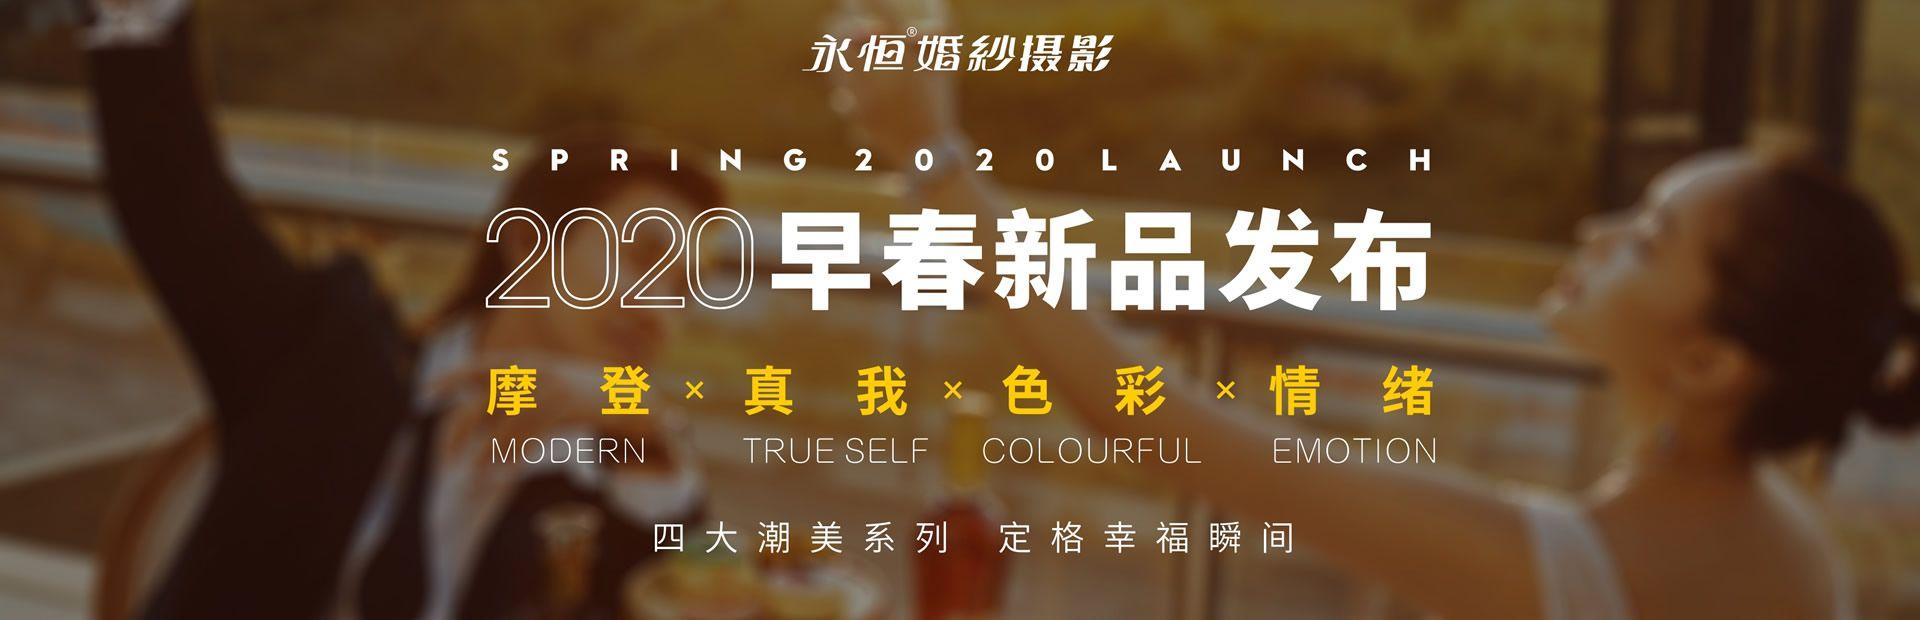 永恒婚纱摄影-2020早春新品发布